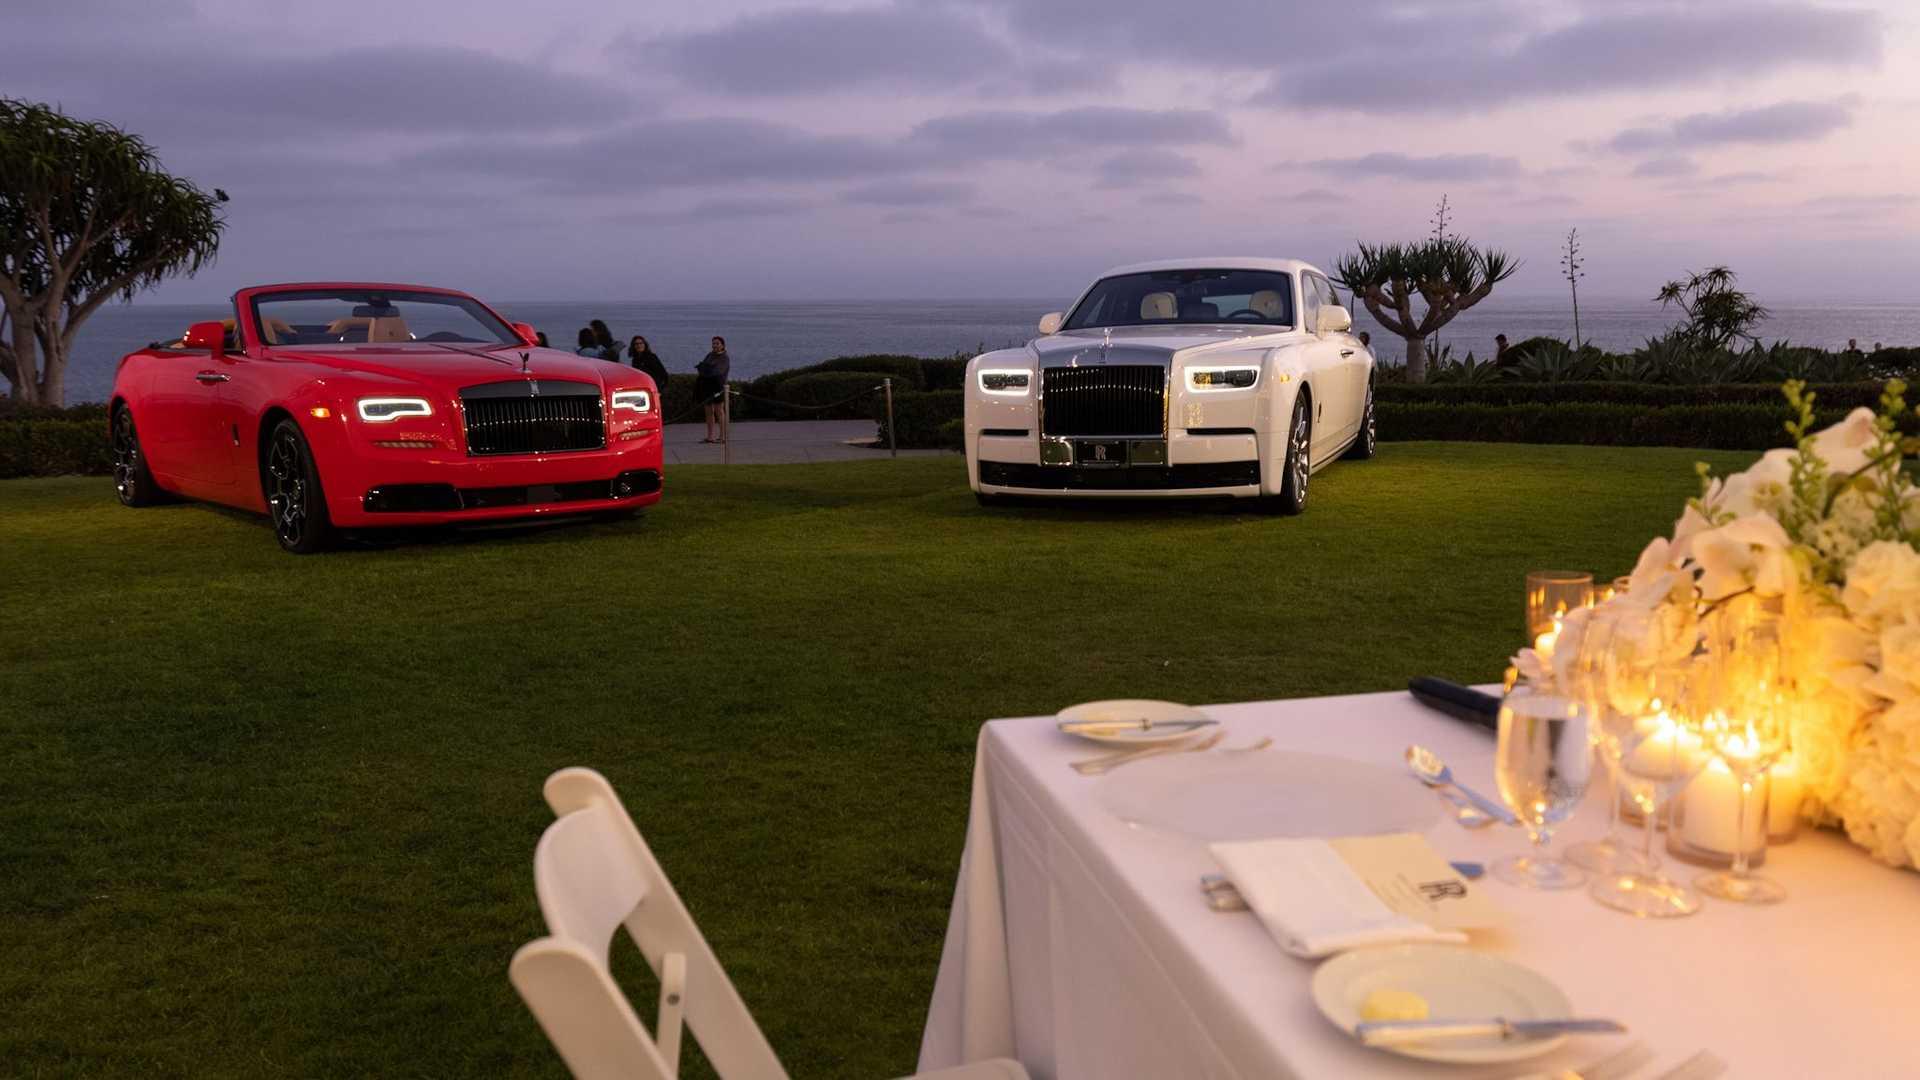 Bộ-đôi-Rolls-Royce-cá-nhân-hóa-kỷ-niệm-dịp-đặc-biệt-của-chủ-nhân (16).jpg